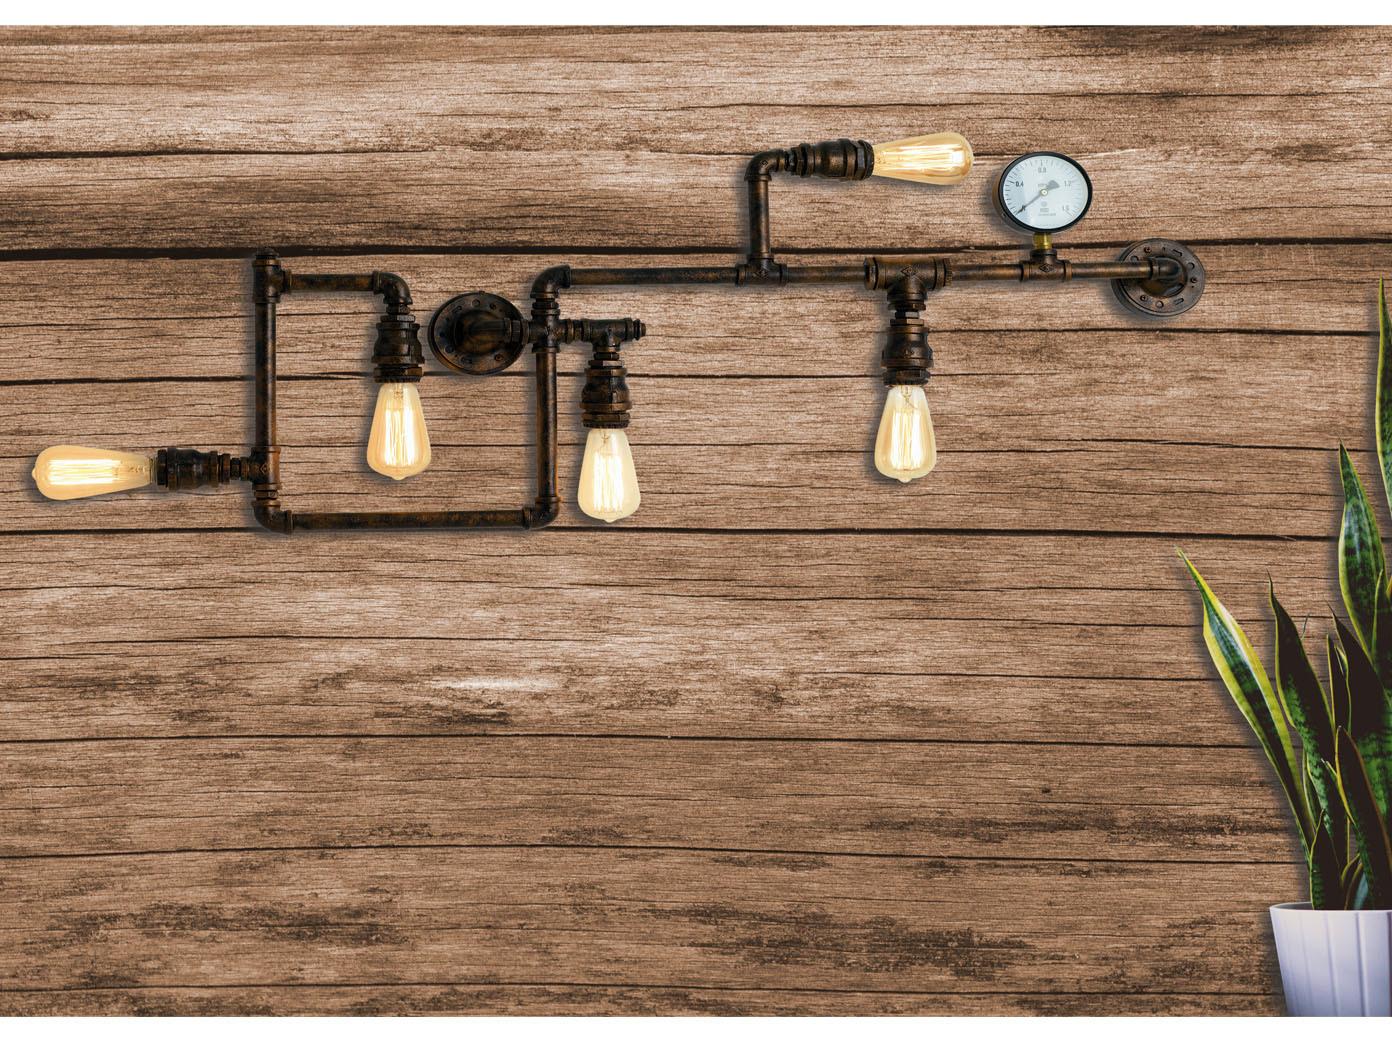 Coole ausgefallene Esstischlampen aus Wasserrohren mehrflammig Industrial Look